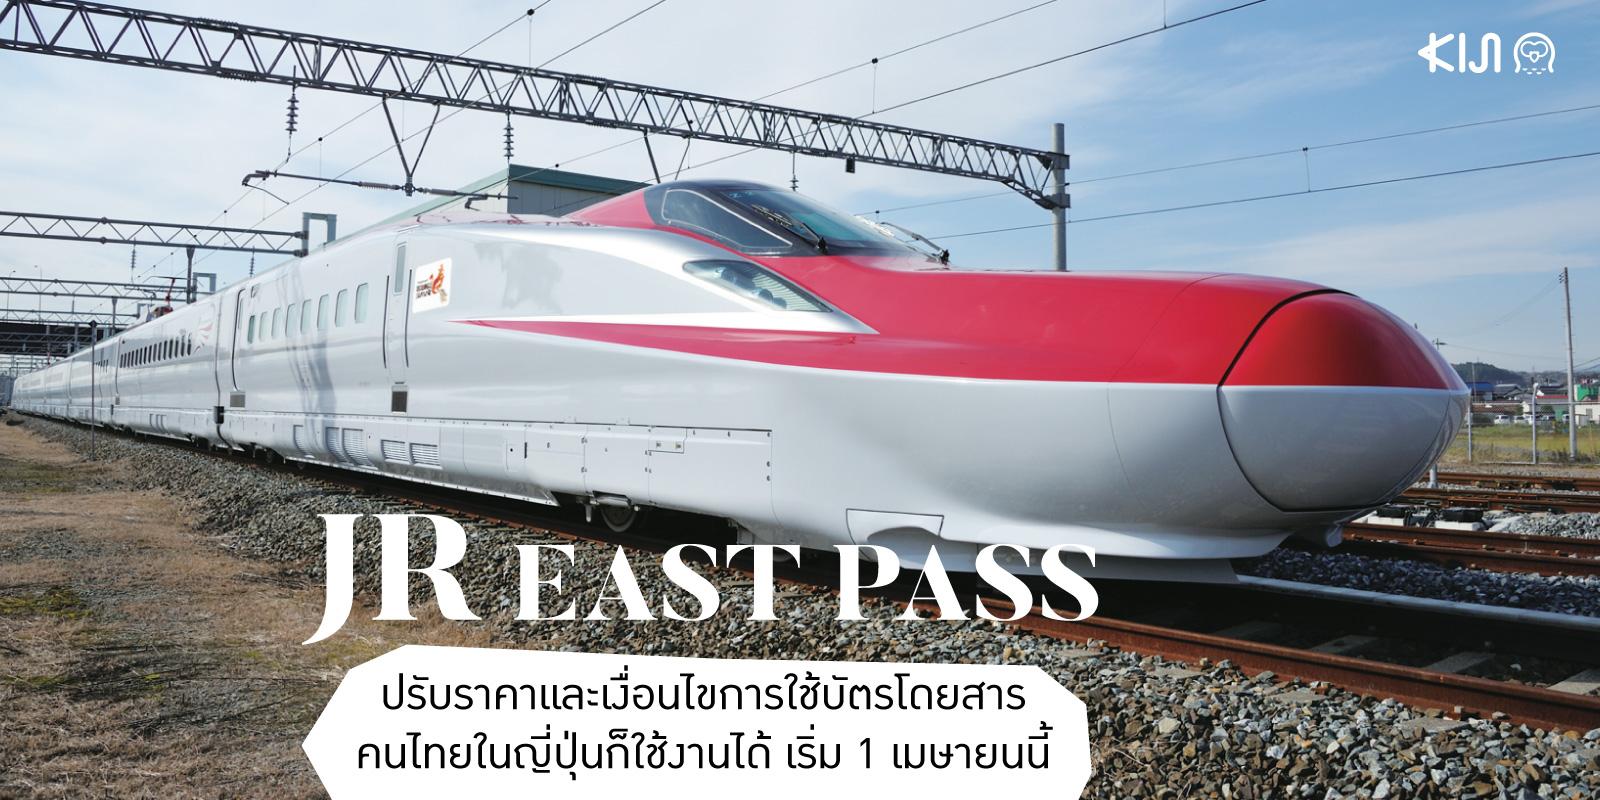 การปรับ ราคา ของ JR EAST PASS ที่จะมีผลใช้ในวันที่ 1 เมษายน 2021 นี้เป็นต้นไป